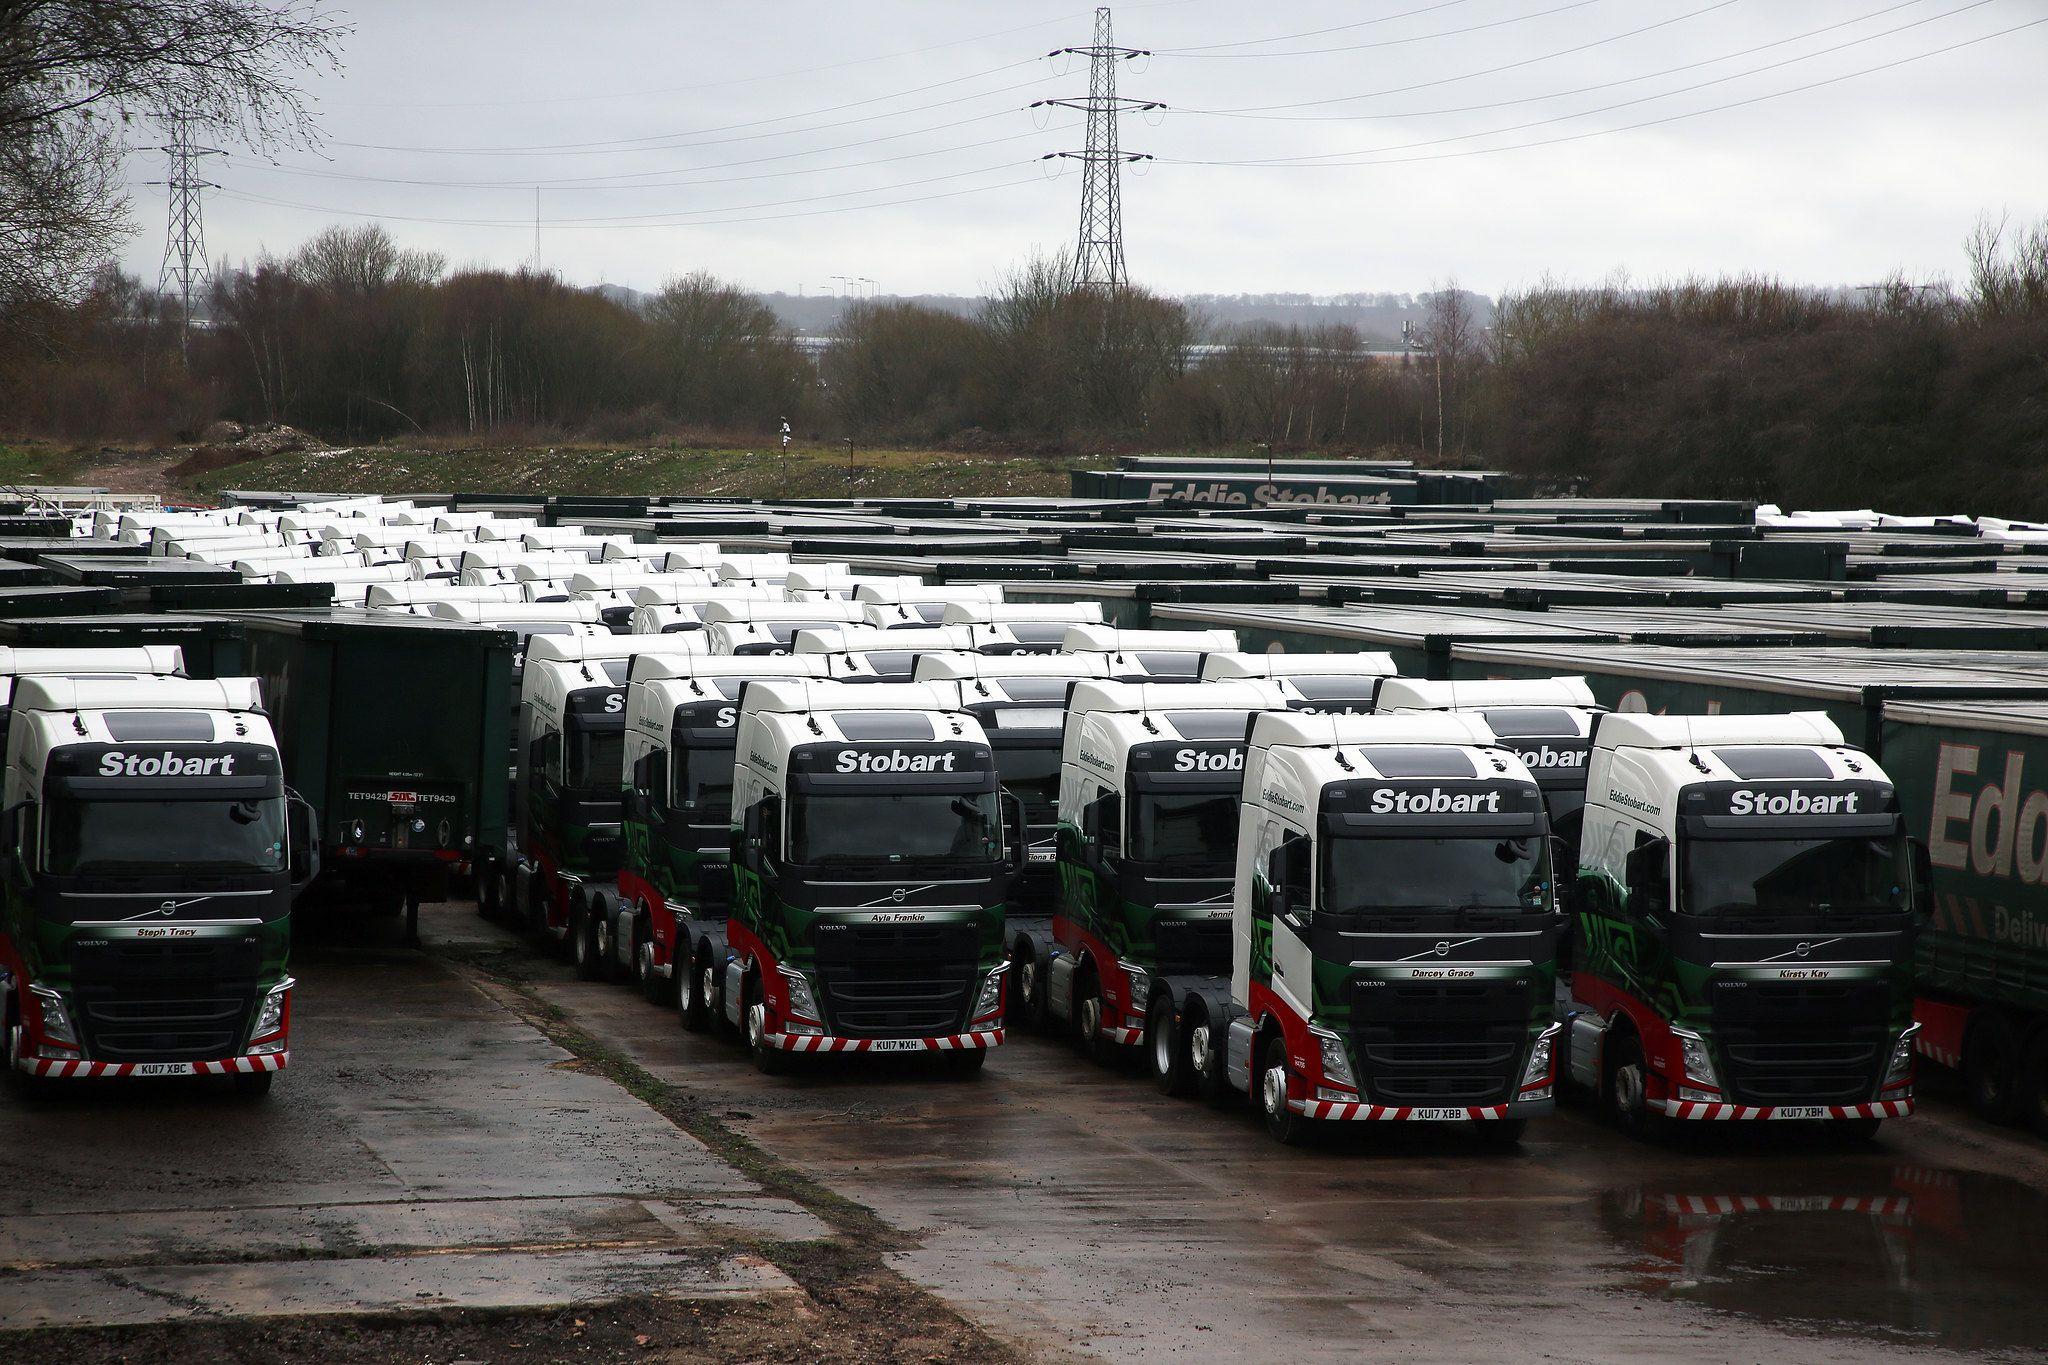 Volvo Stored Ws Storage Stoke 26 1 19 Eddie Stobart Trucks Volvo Big Trucks